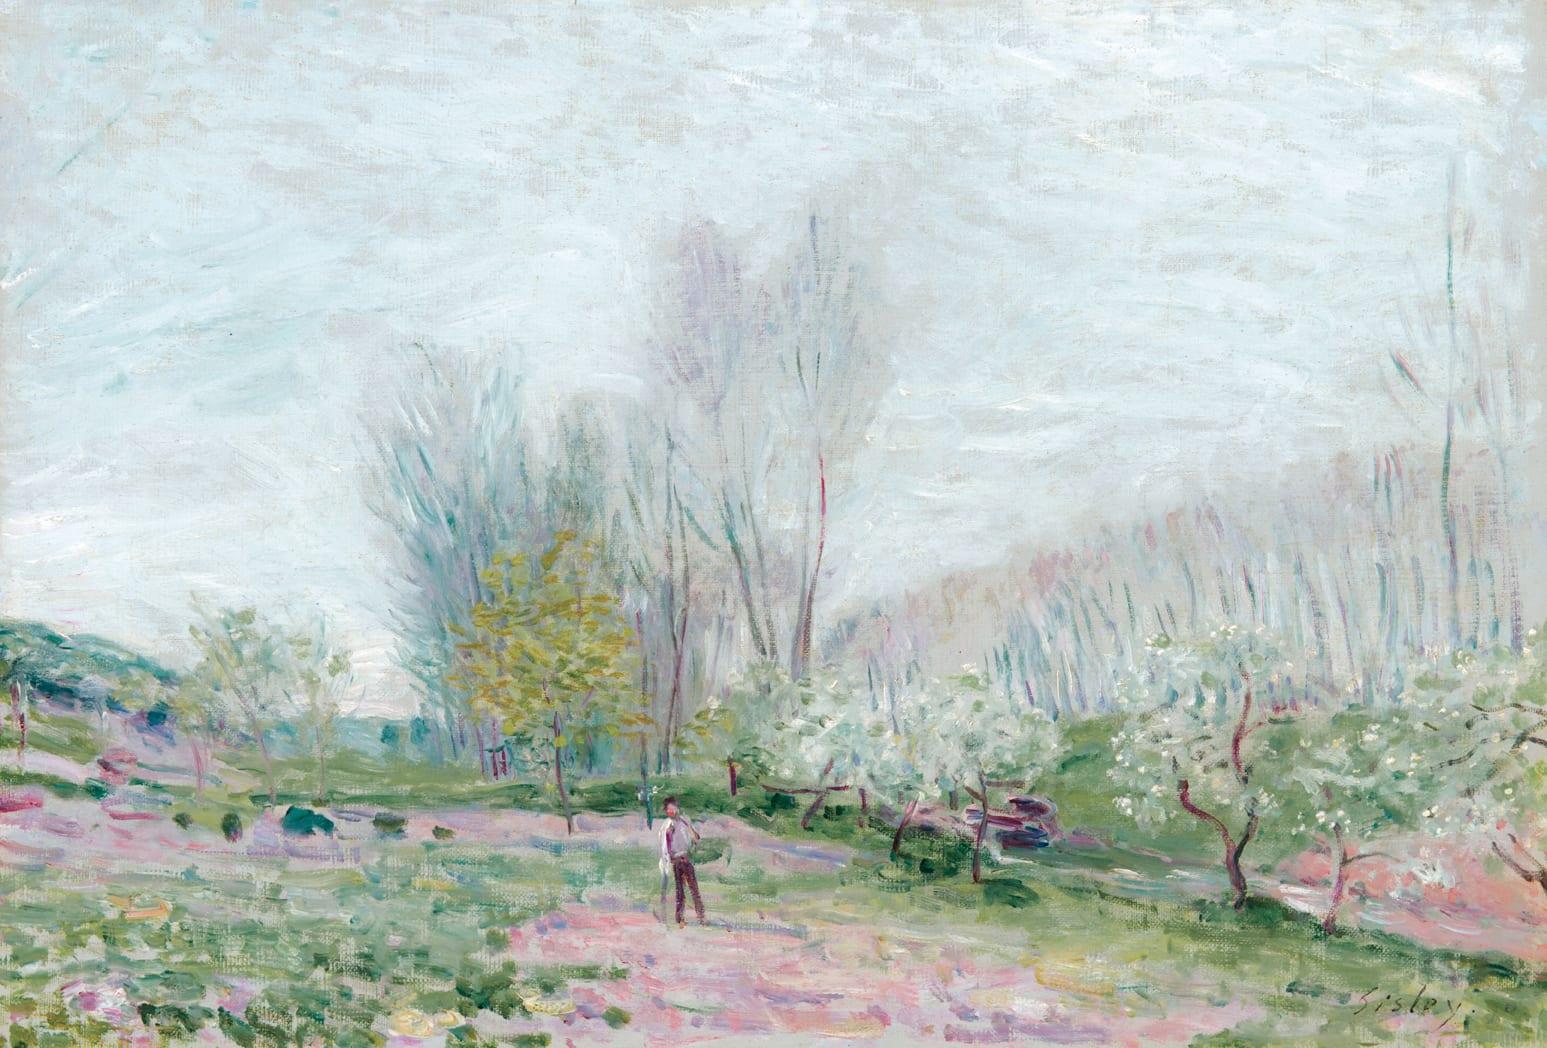 ALFRED SISLEY, Les Pommiers en fleurs à Moret-sur-Loing, 1890